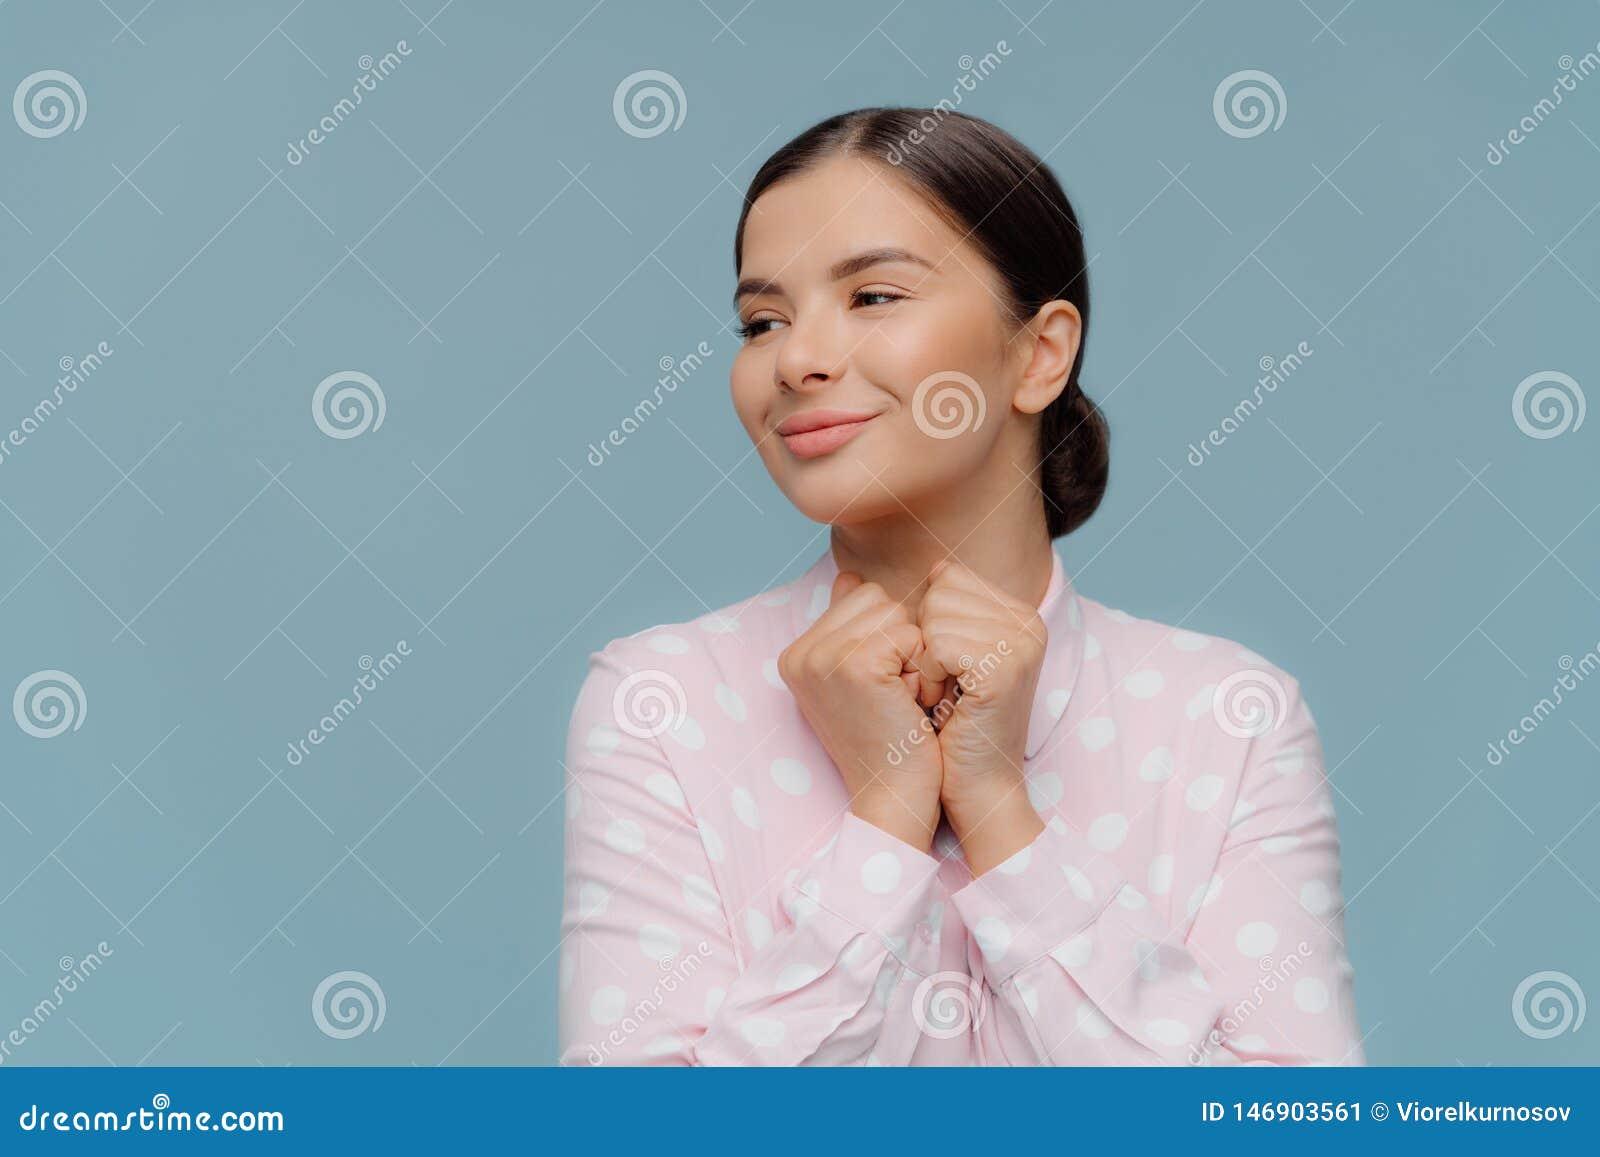 De positieve optimistische die dame houdt vuisten onder kin worden samengeperst, kijkt gladfully opzij, draagt stipoverhemd, kijk